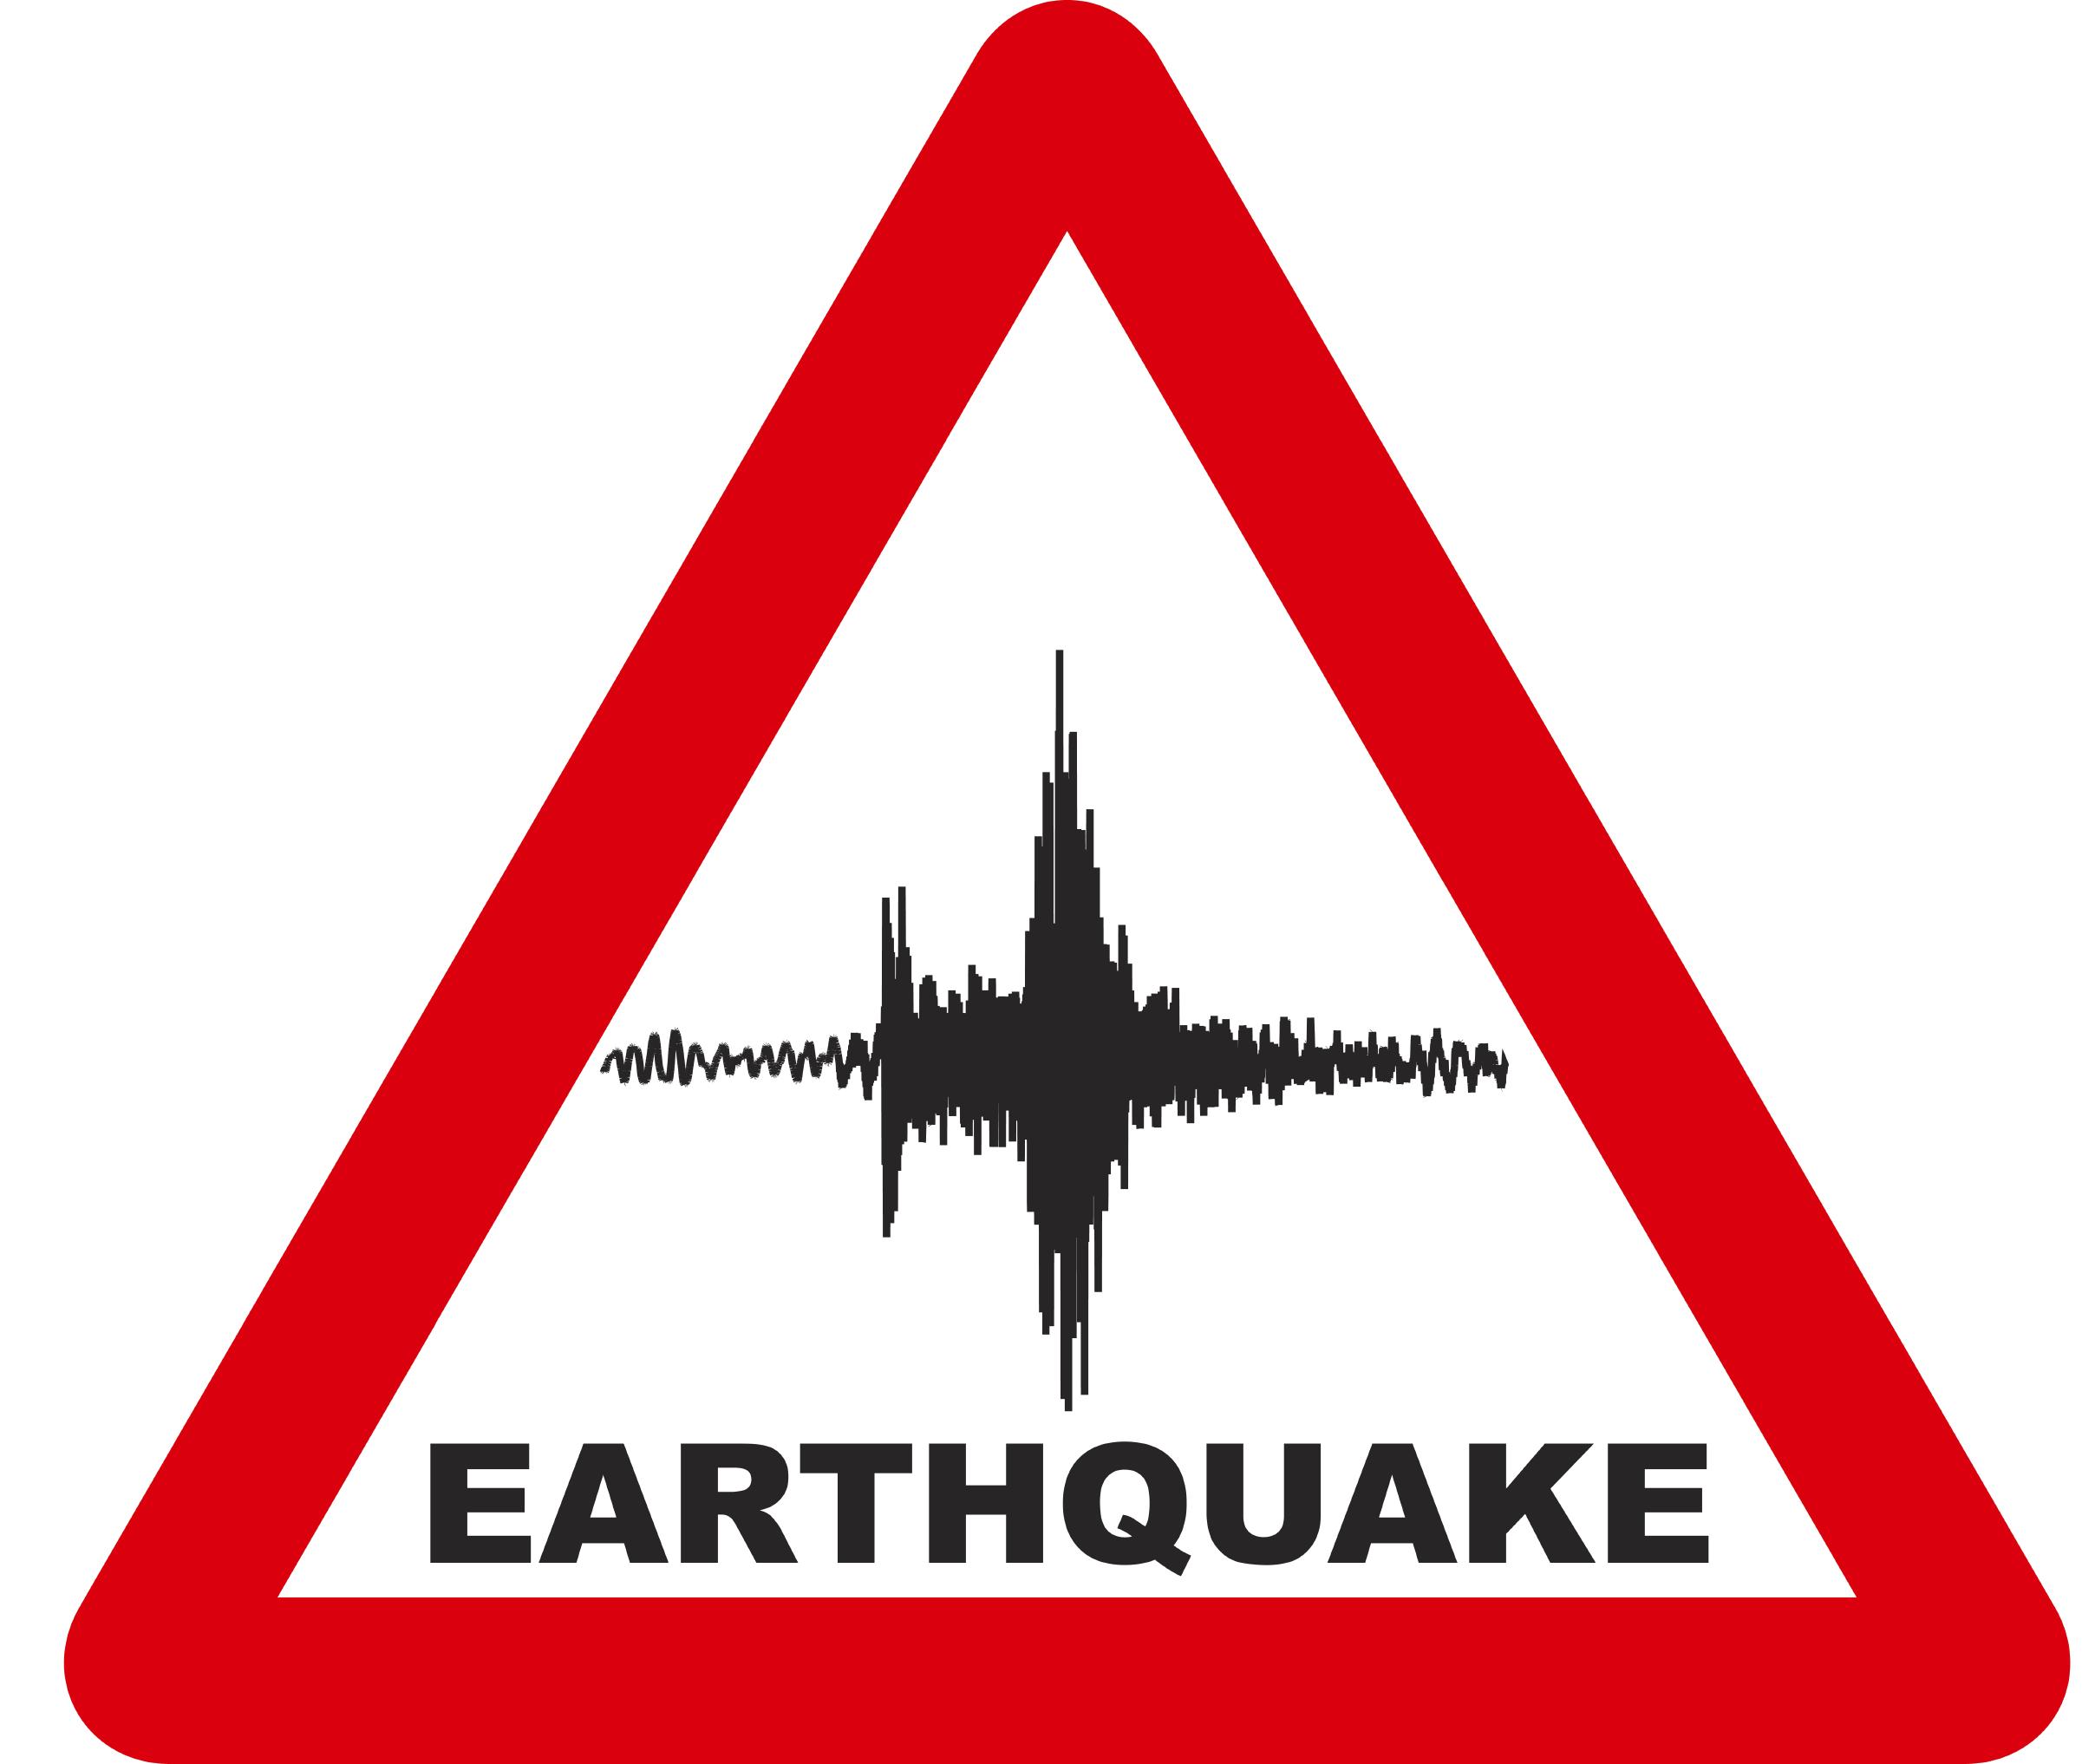 Earthquake warning sign